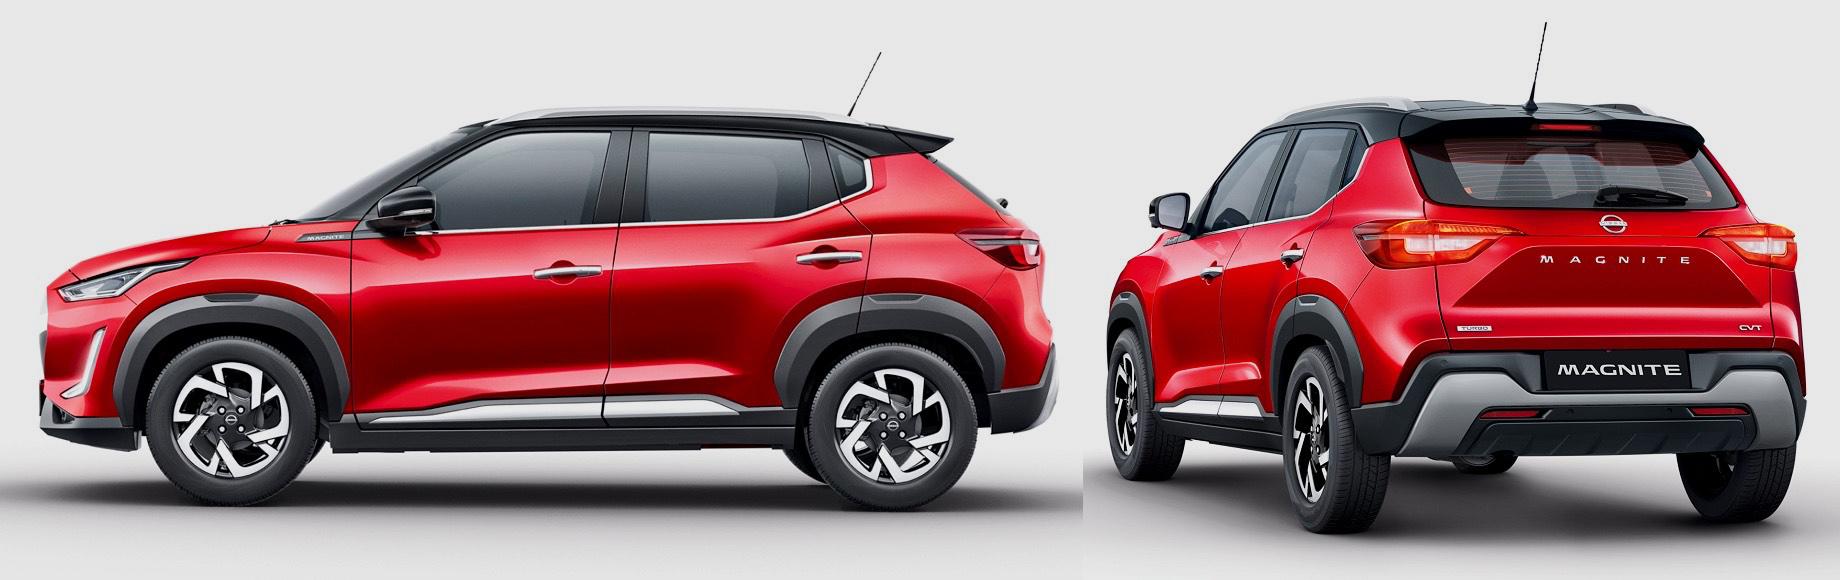 Серийный кроссовер Nissan Magnite неизменил концепту